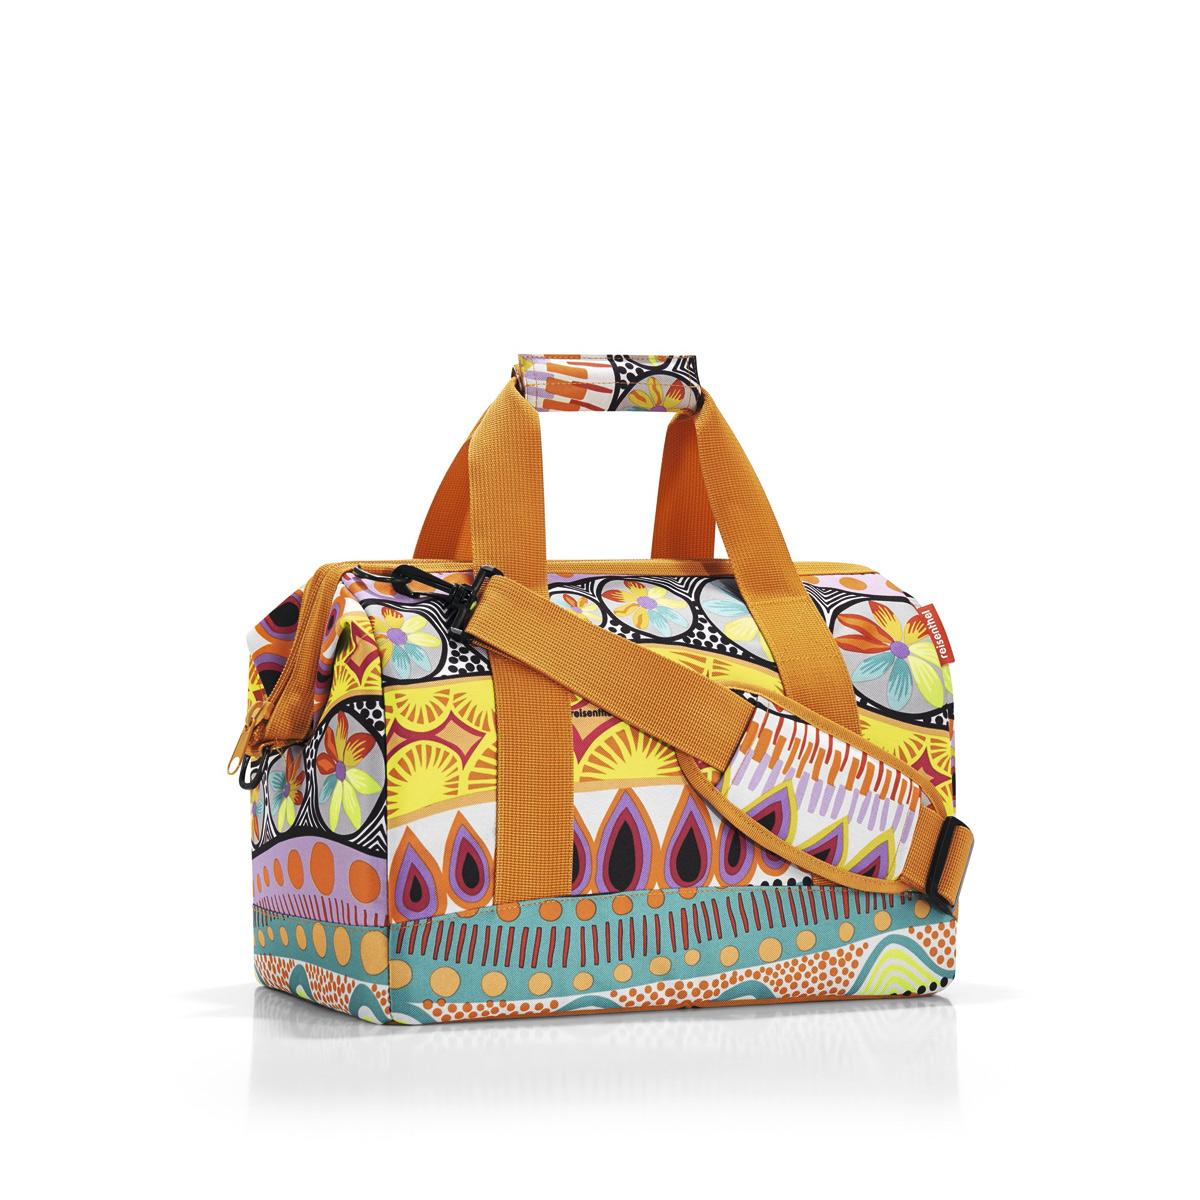 Сумка женская Reisenthel Allrounder M lollipop, цвет: оранжевый. MS2020MS2020Сумка хоть куда - и в путешествие, и в спортзал. Вместит все, от носков до пиджака. Приятные объемные стенки и дно создают силуэт, напоминающий старинные врачебные сумки. Застегивается на молнию, плюс внутрь встроены металлические скобы, фиксирующие ее в открытом состоянии. Внутри 6 кармашков для организации вещей. Две удобные ручки и ремень регулируемой длины позволяют носить сумку так, как вам удобно. Объем - 18 литров.